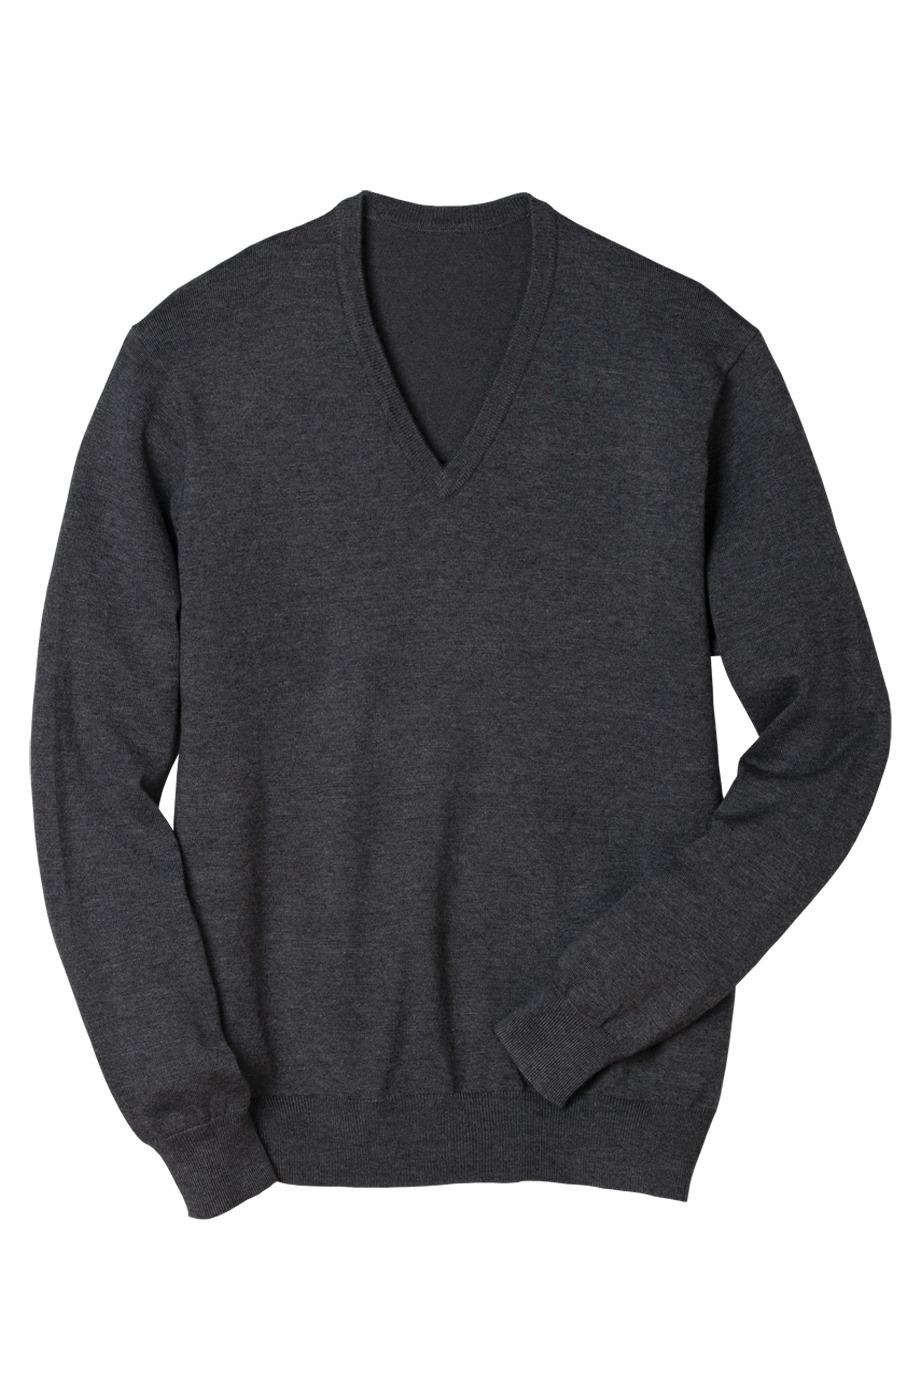 Edwards Garment 4070 - V-Neck Fine Gauge